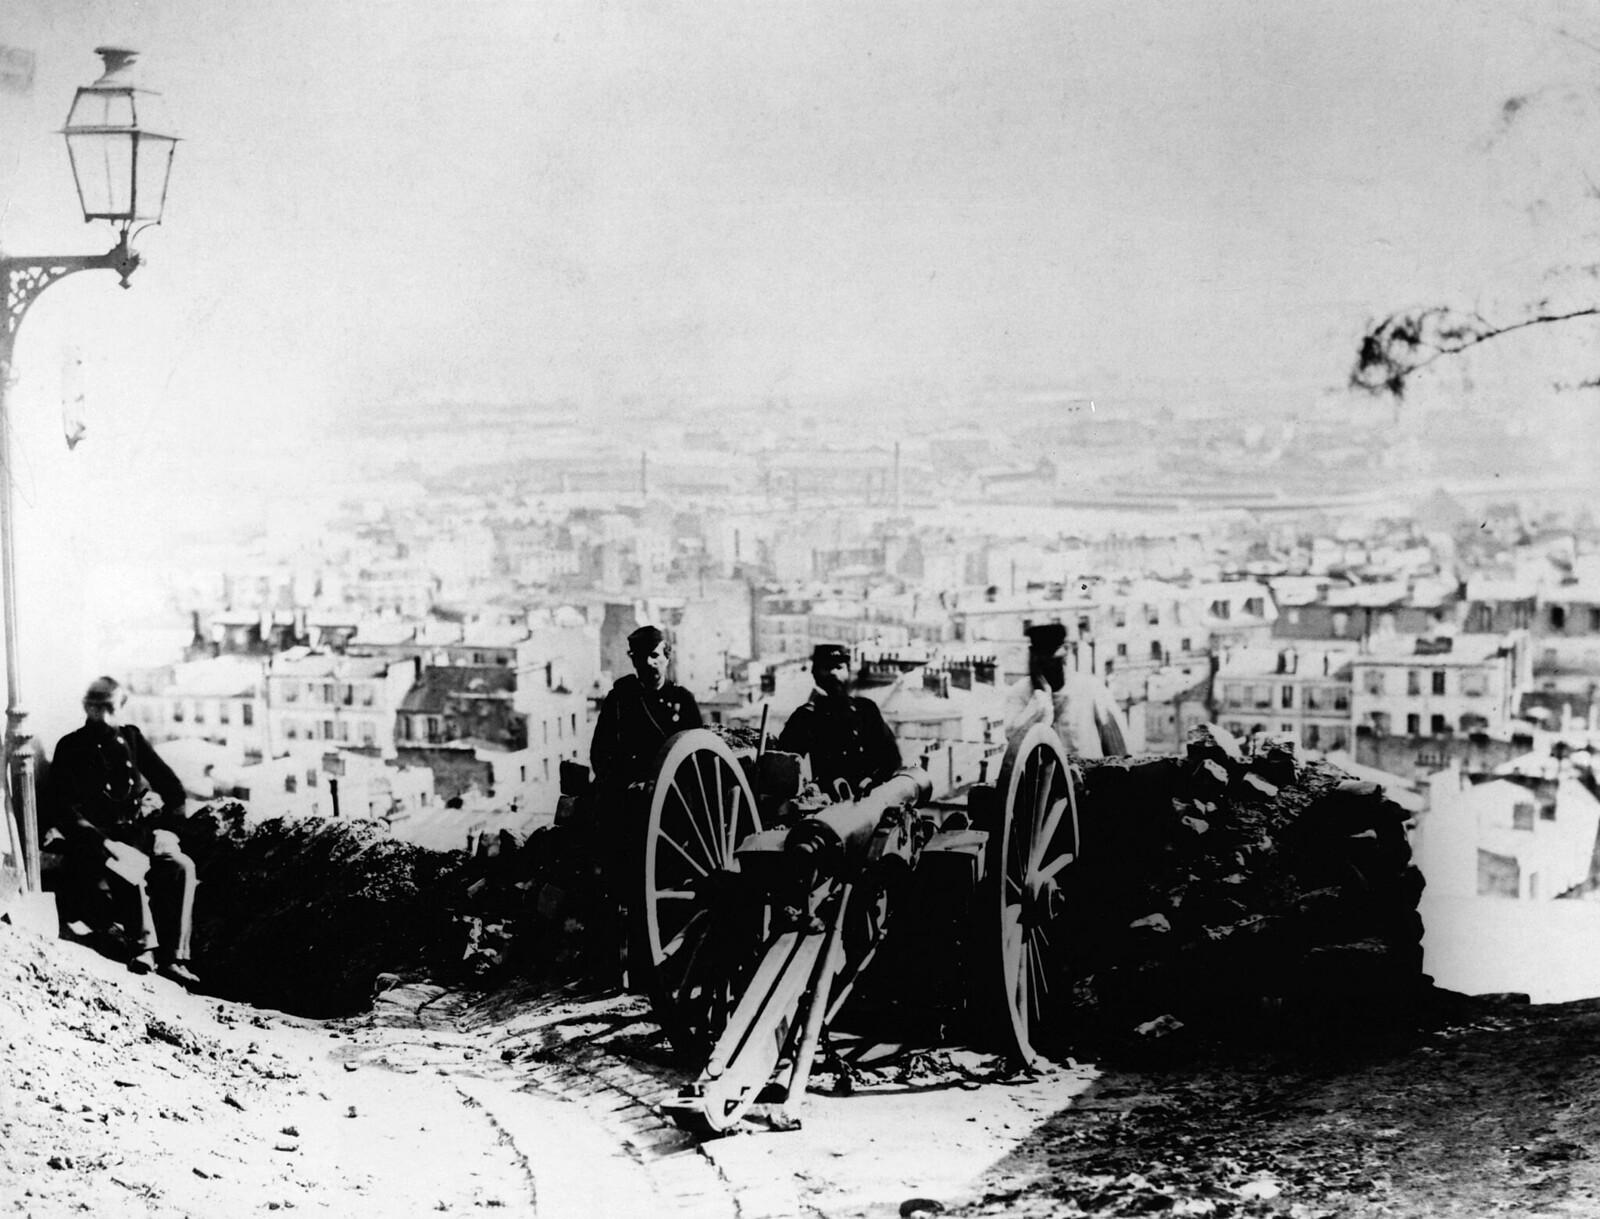 1871. Артиллерийский пост на Монмартре